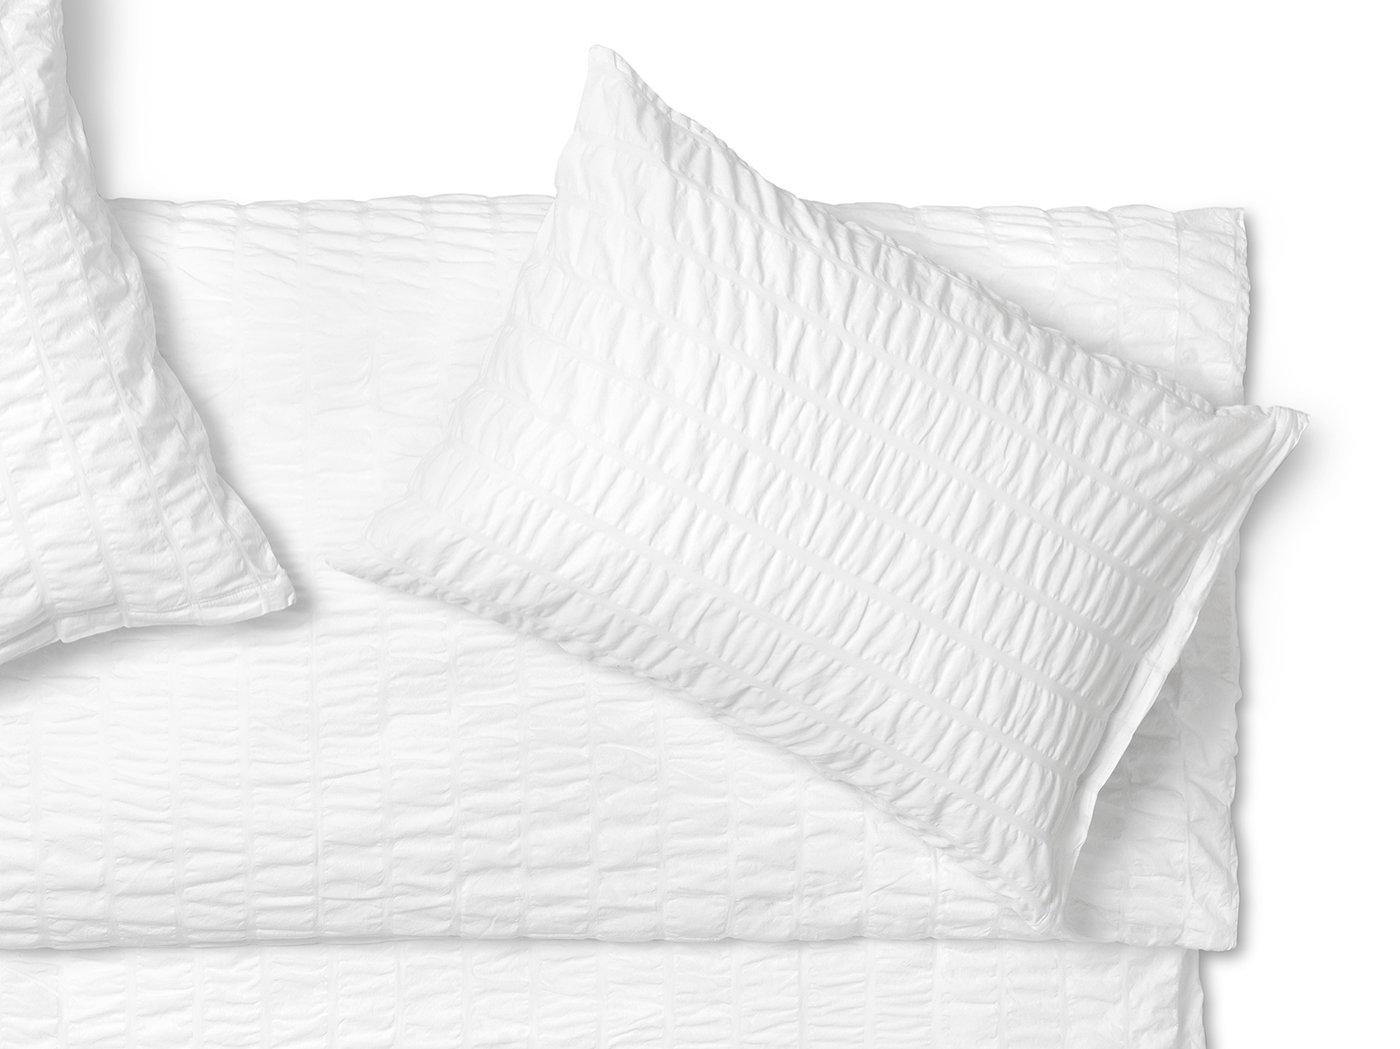 Bügelfreie Seersucker Bettwäsche In Purem Weiß Aus Reiner Langstapel